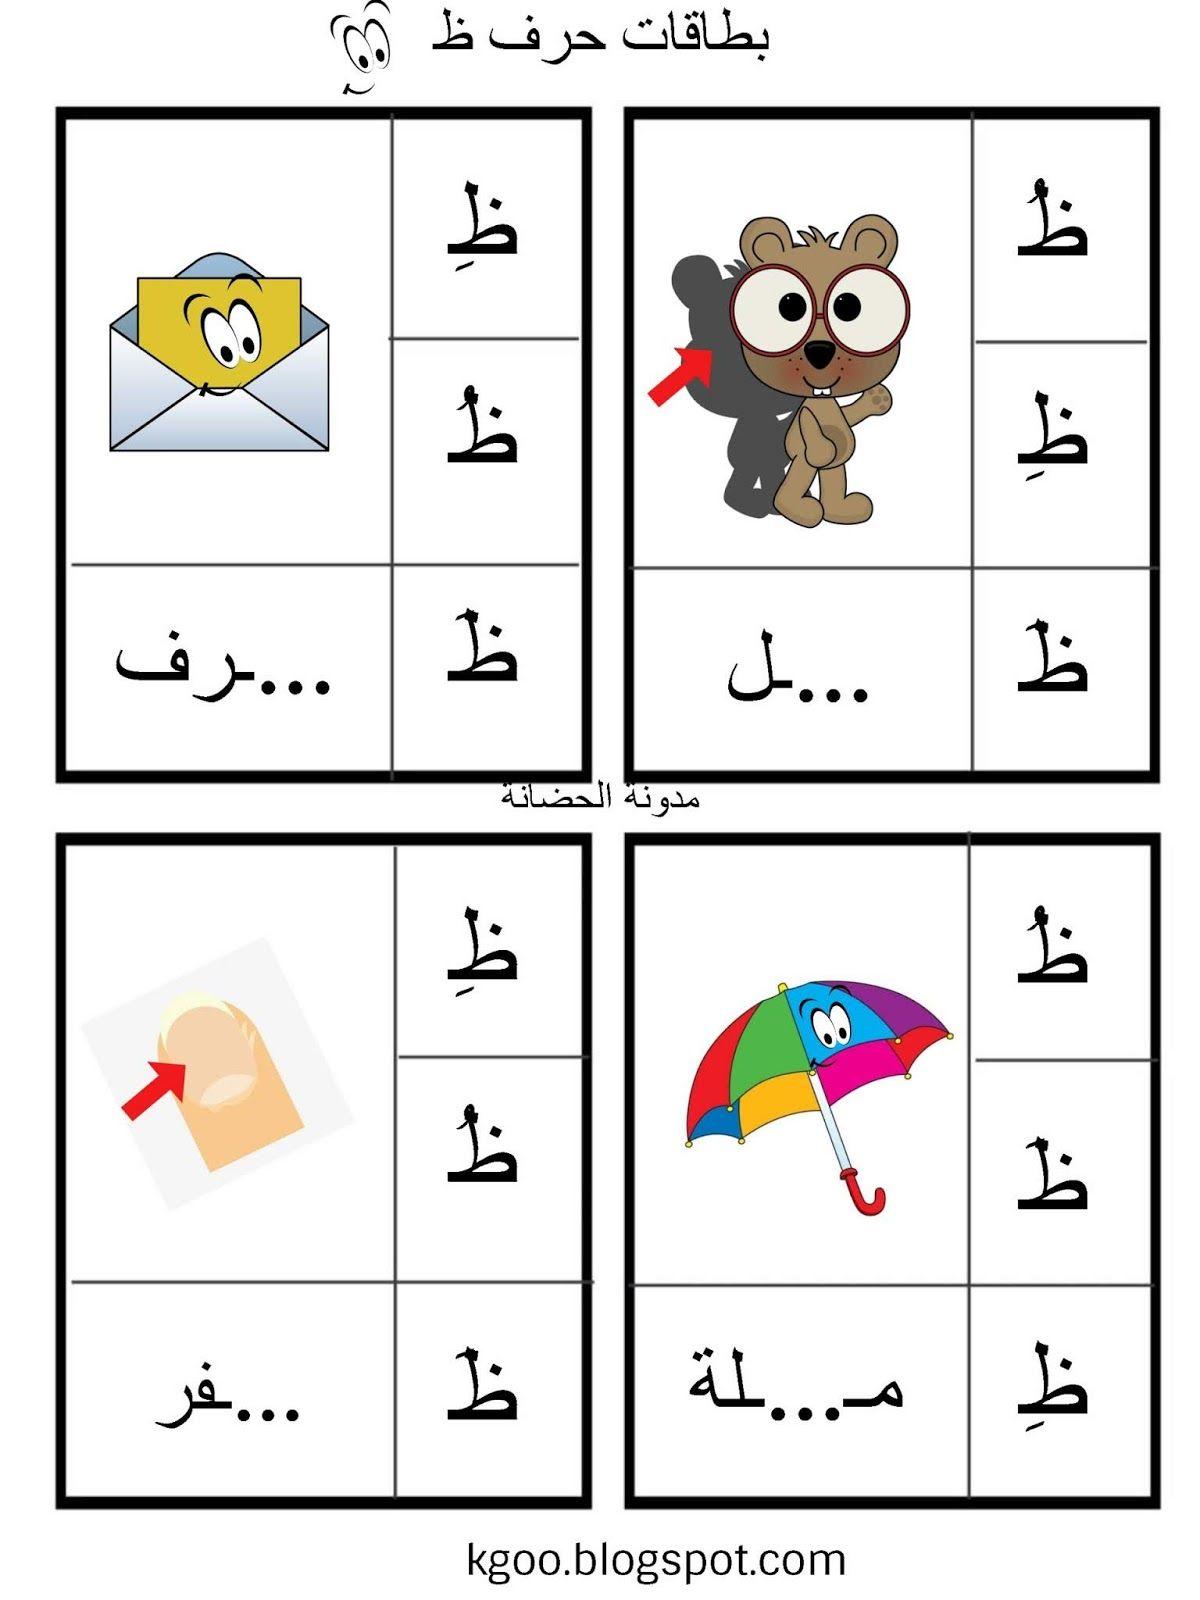 شرح حرف الظاء للاطفال Arabic Alphabet For Kids Arabic Kids